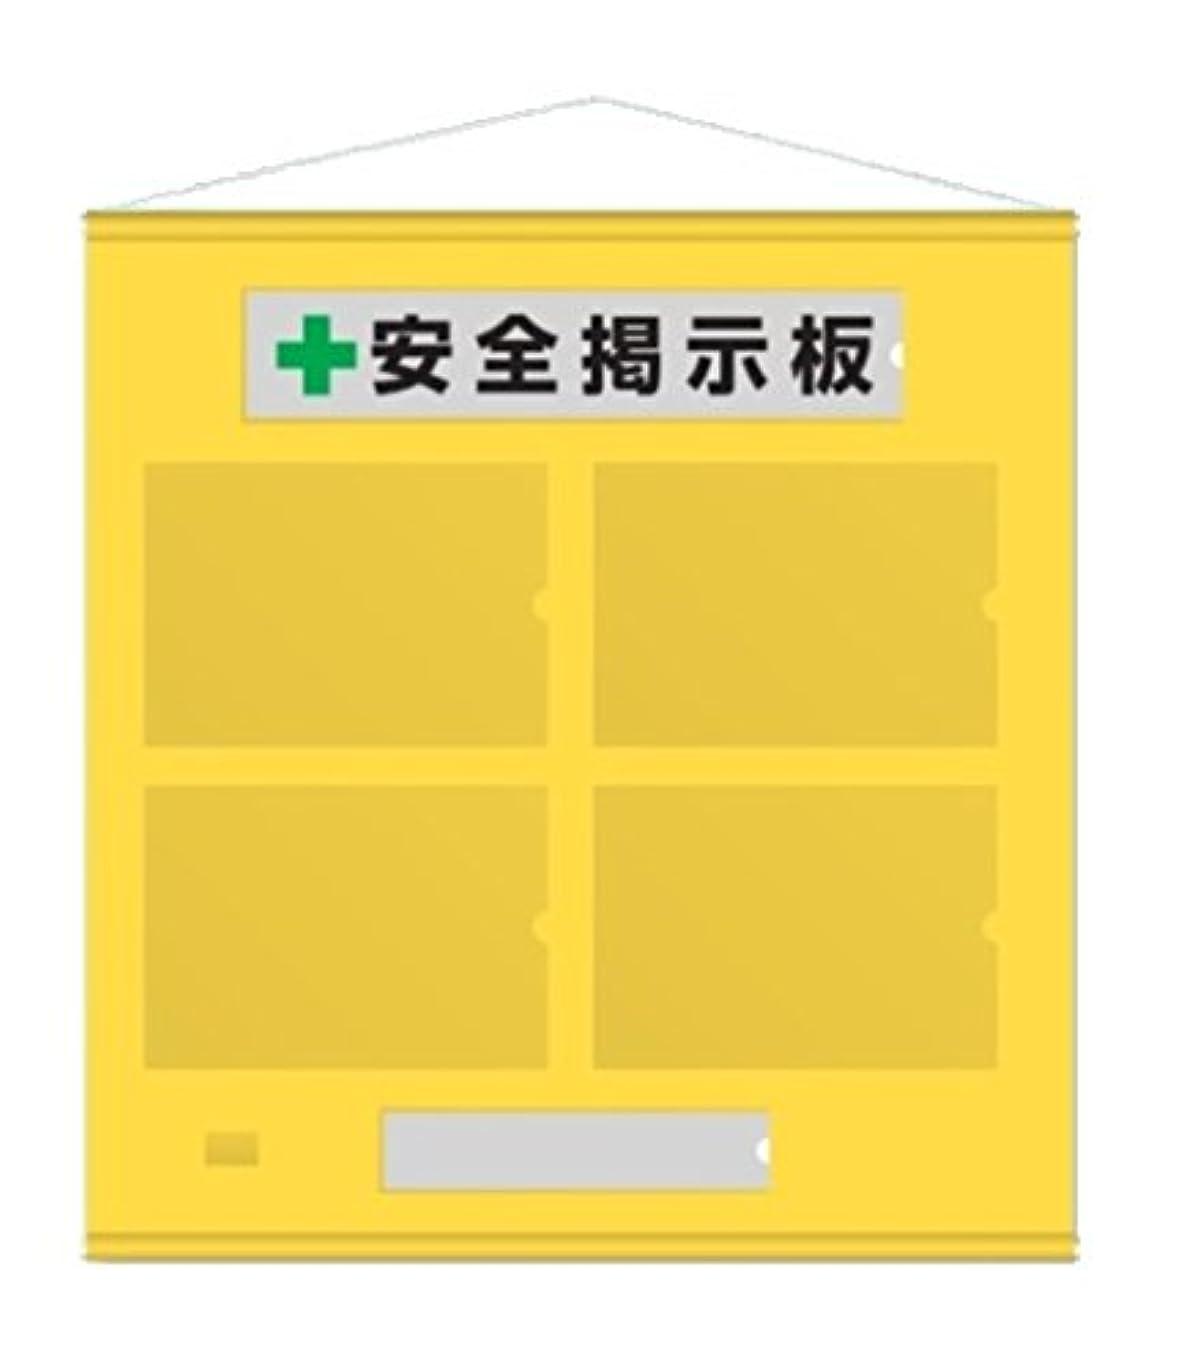 とんでもない大惨事岩【ユニット】フリー掲示板A4黄セット [品番:464-02Y]